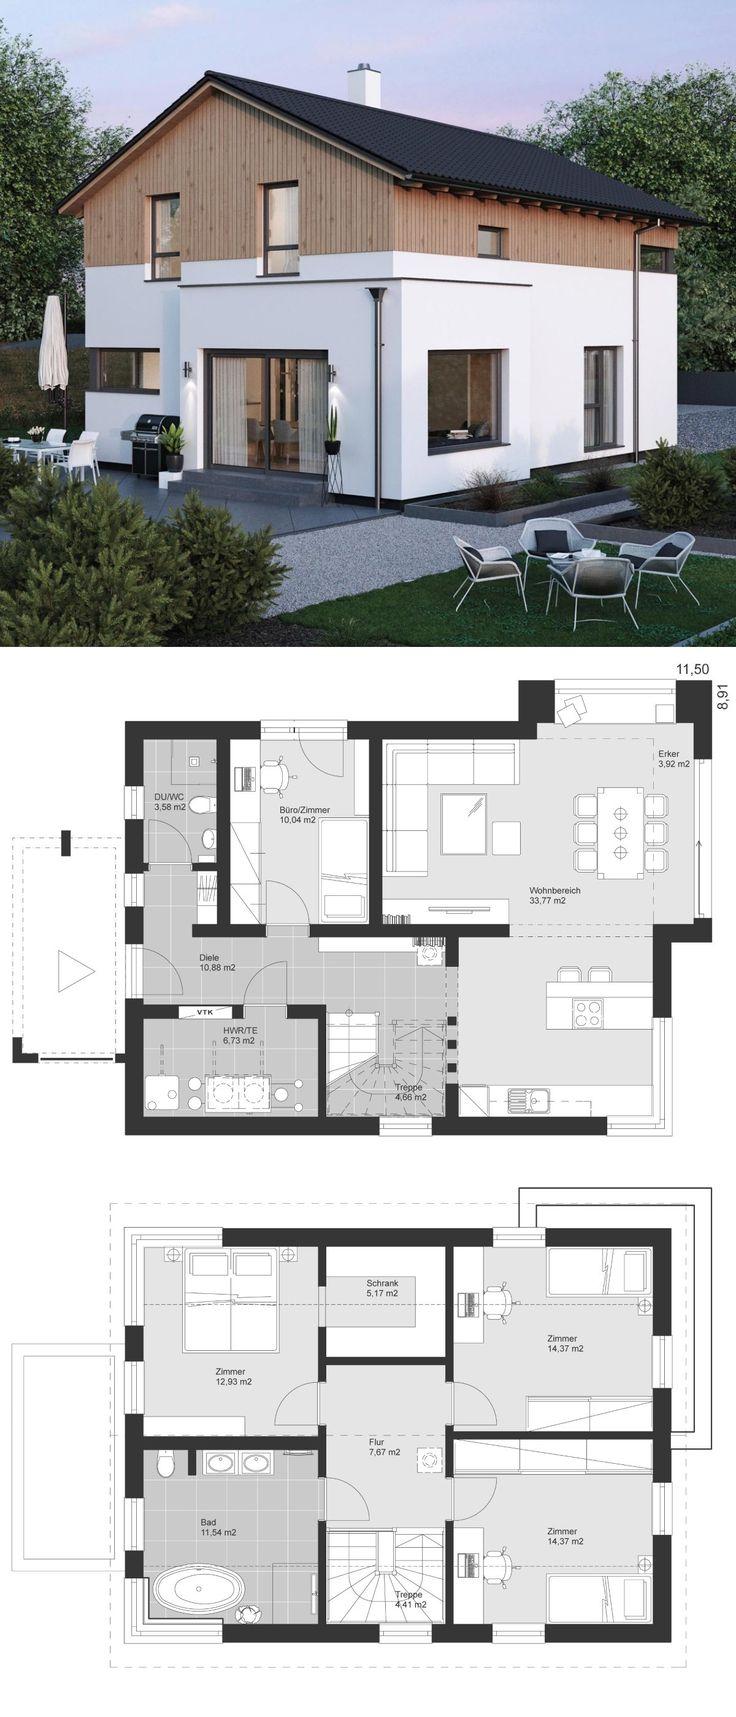 Einfamilienhaus modern im Landhausstil Grundrisse …